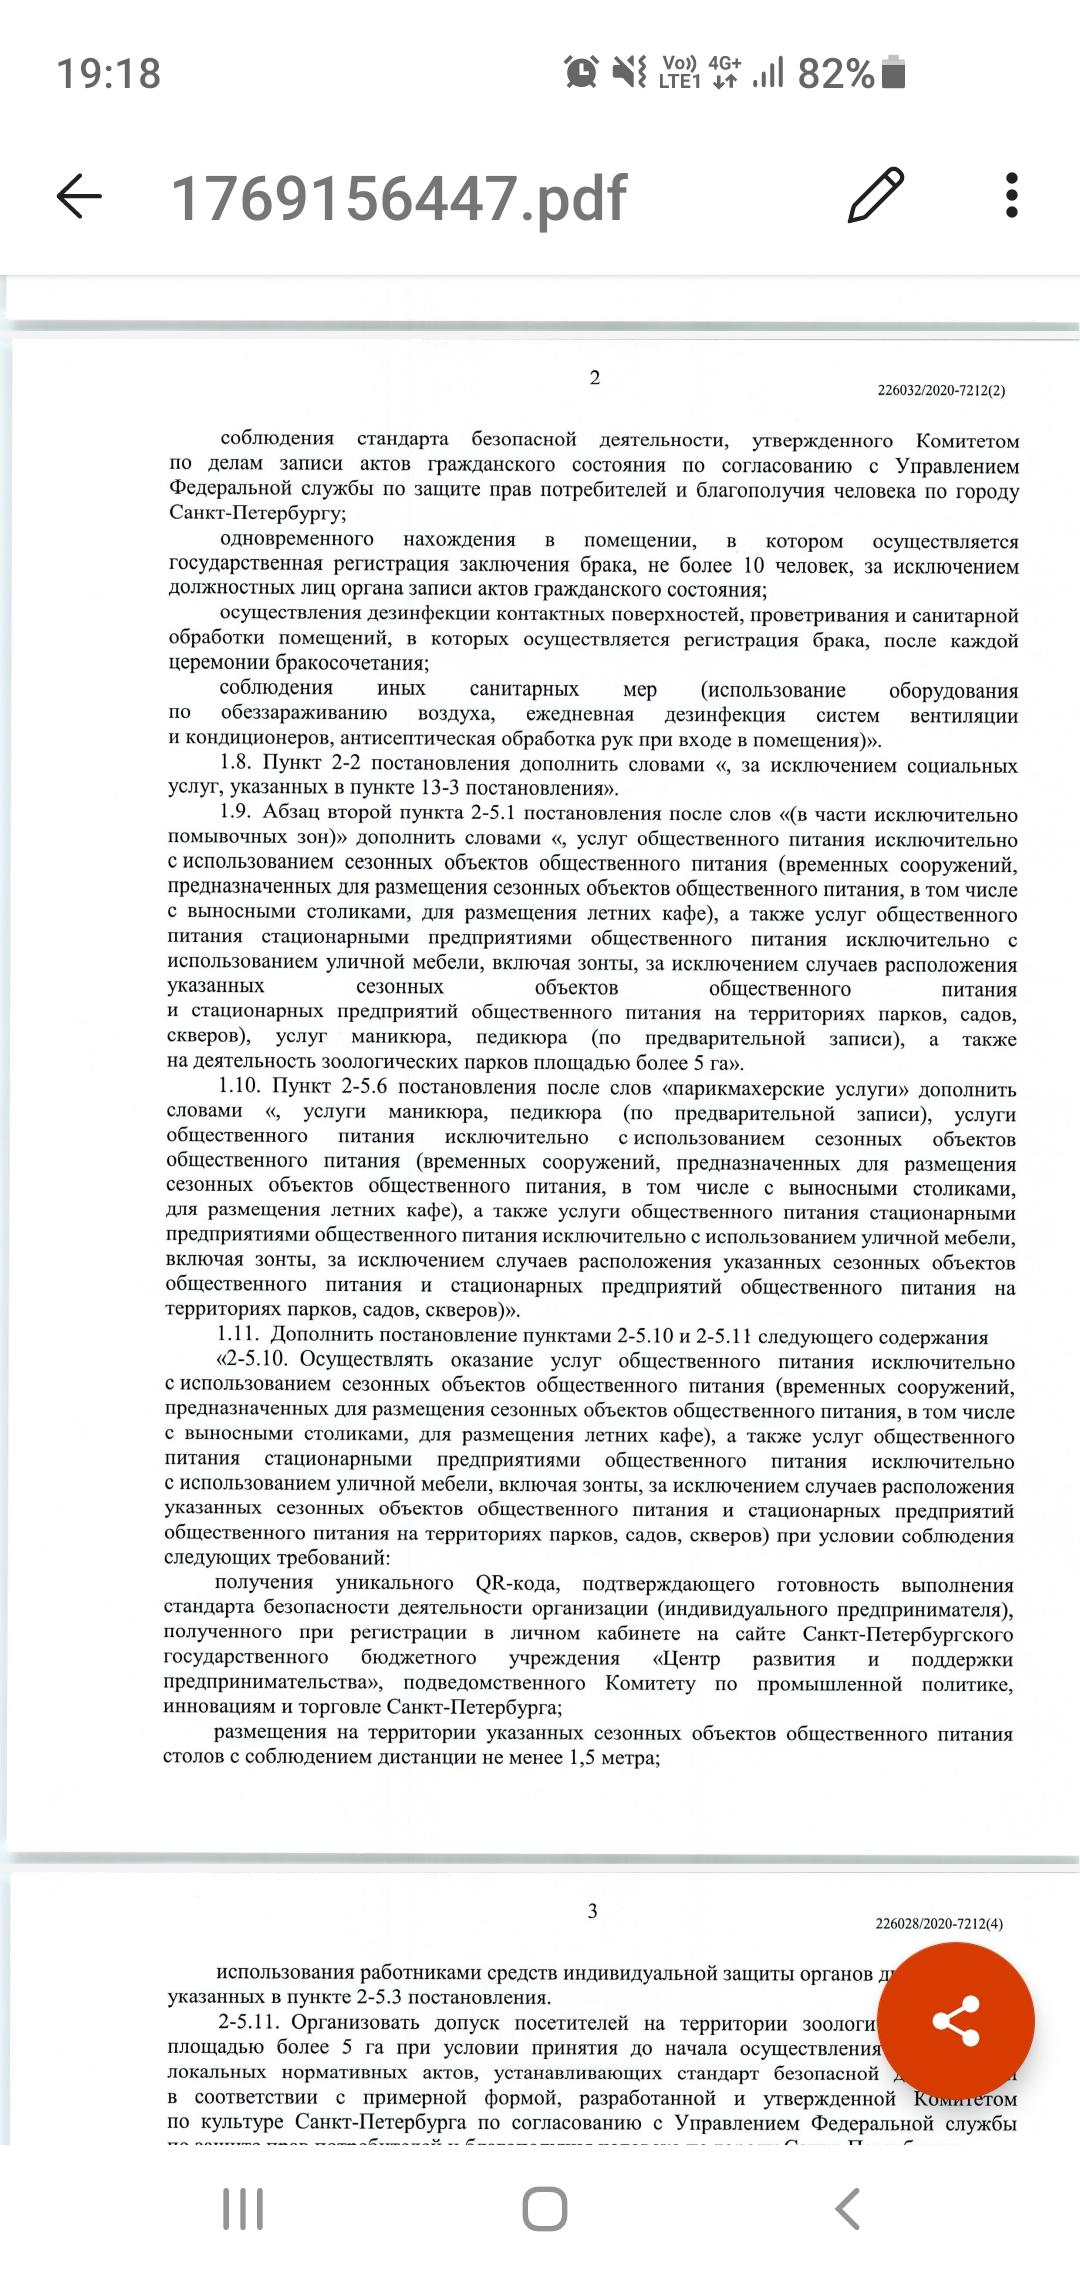 Screenshot_20200625-191804_Office